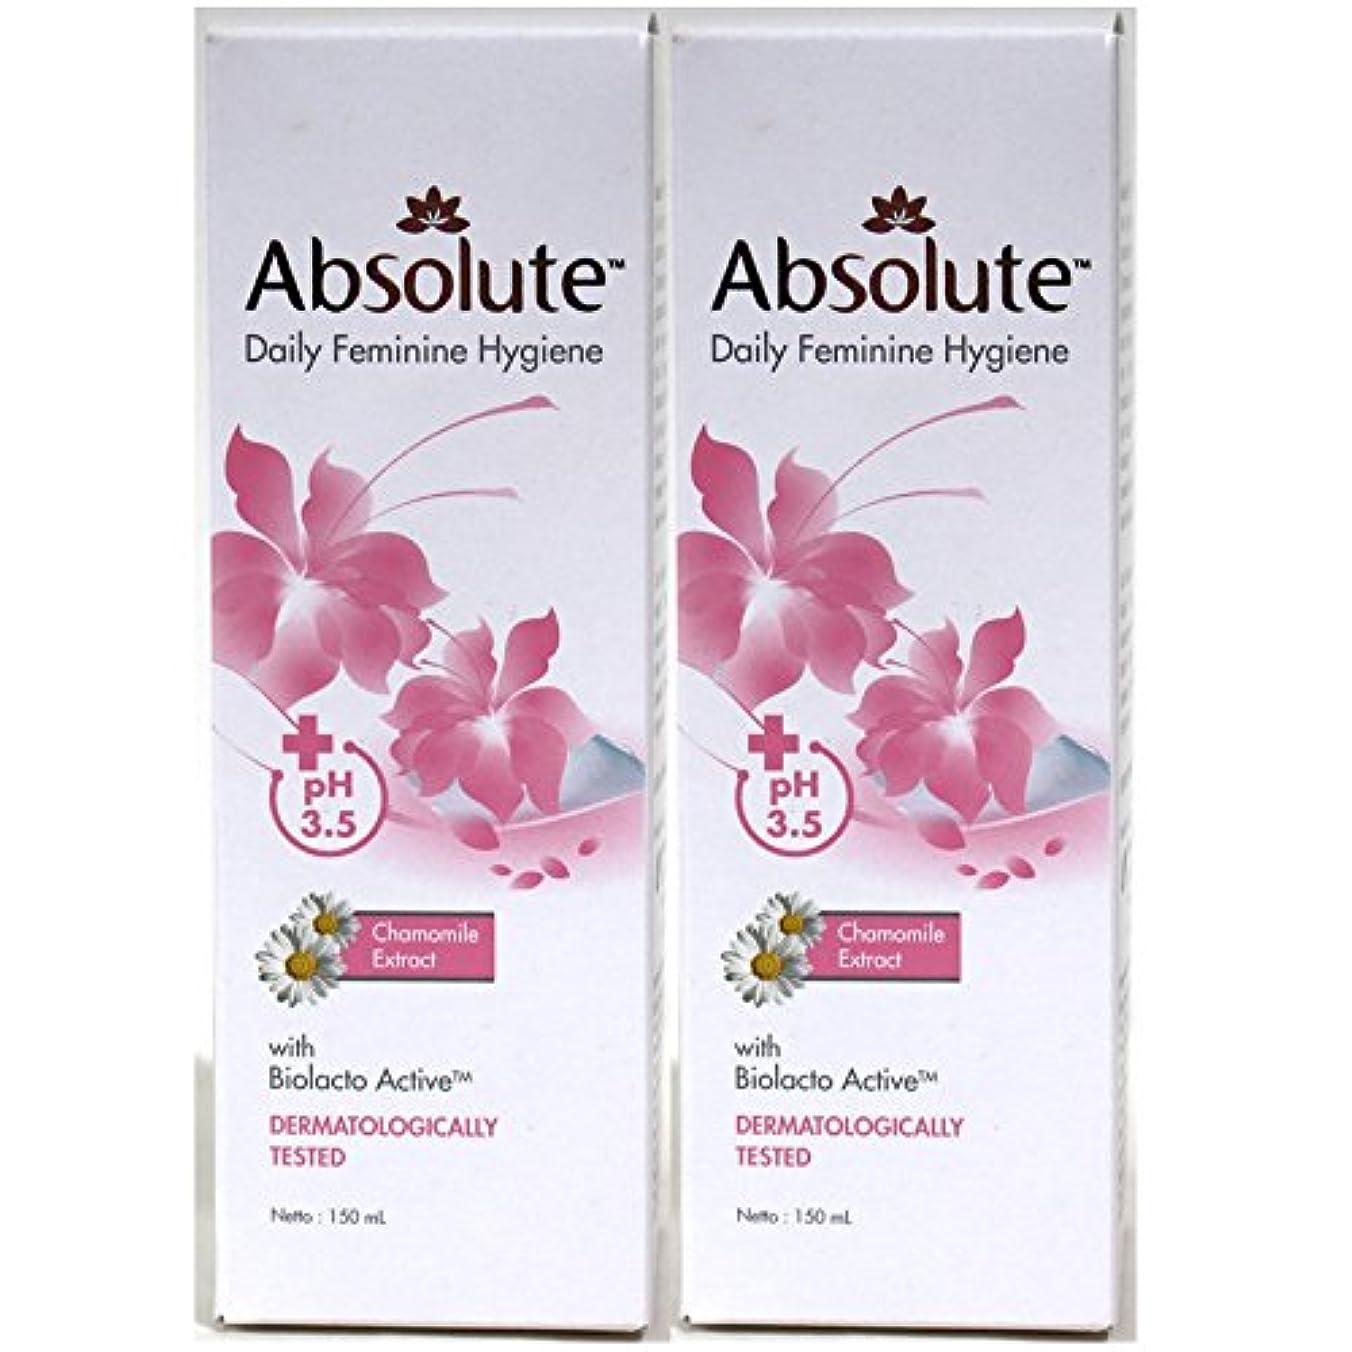 助けになる英語の授業がありますセットするAbsolute(アブソリュート)女性用液体ソープ 150ml 2本セット[並行輸入品][海外直送品]